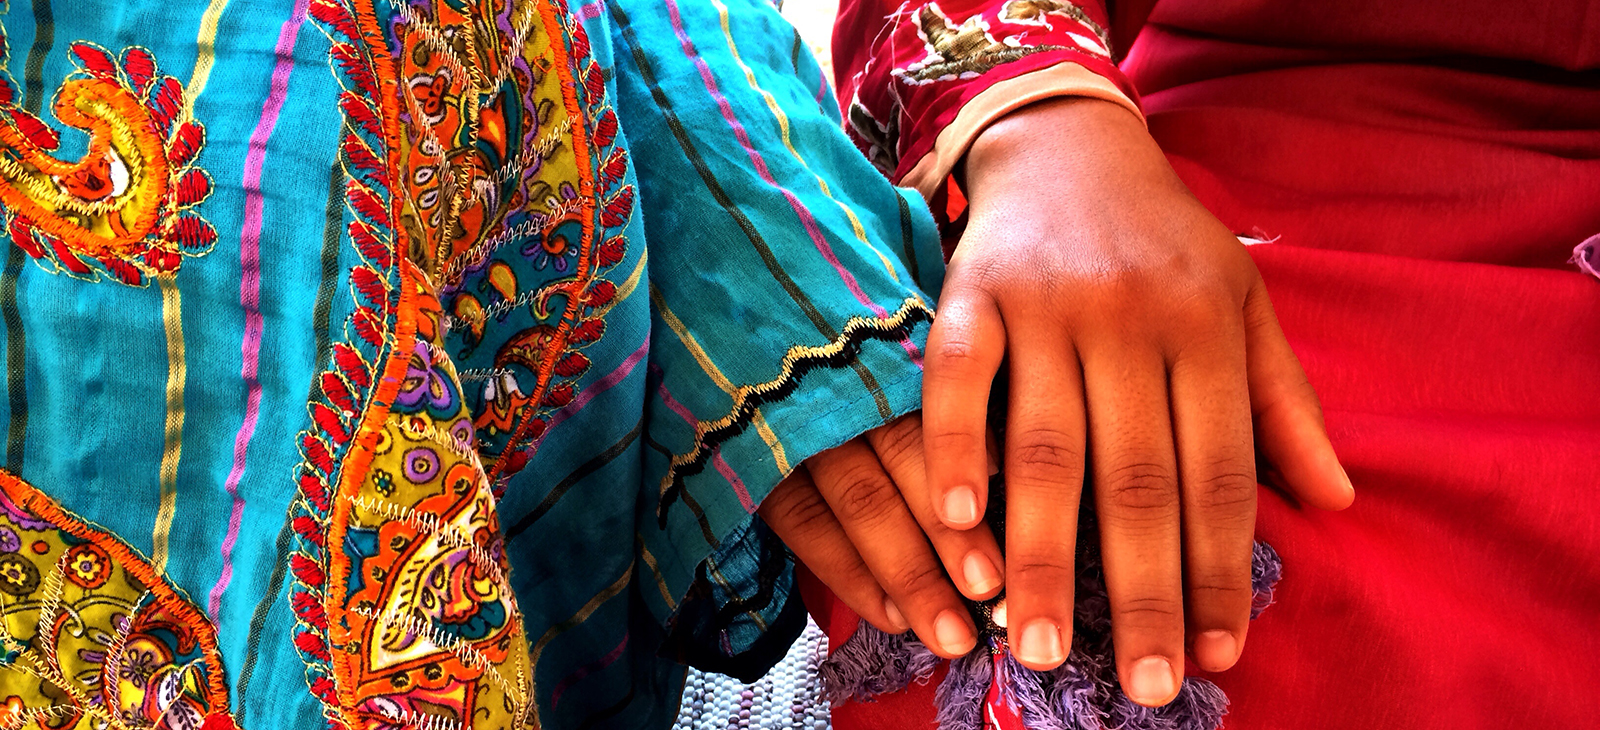 bedouin-women-holding-hands.jpg